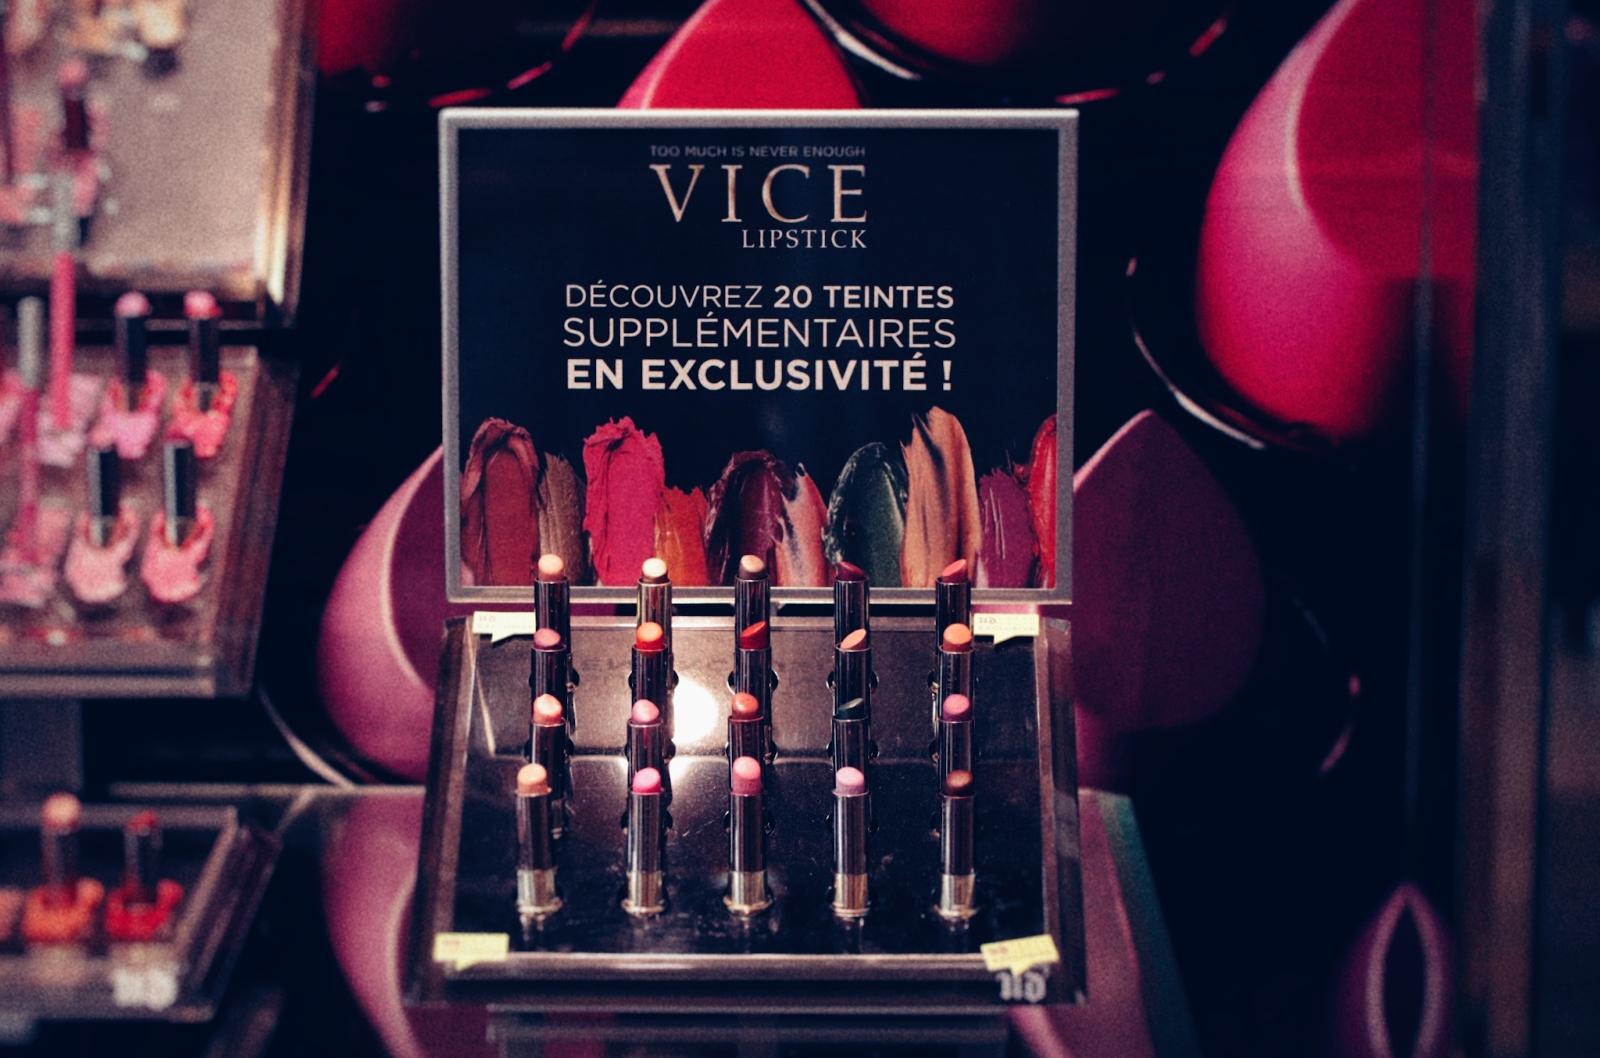 urban decay ud vice lipstick nouvelles couleurs exclusives boutiques paris avis swatches